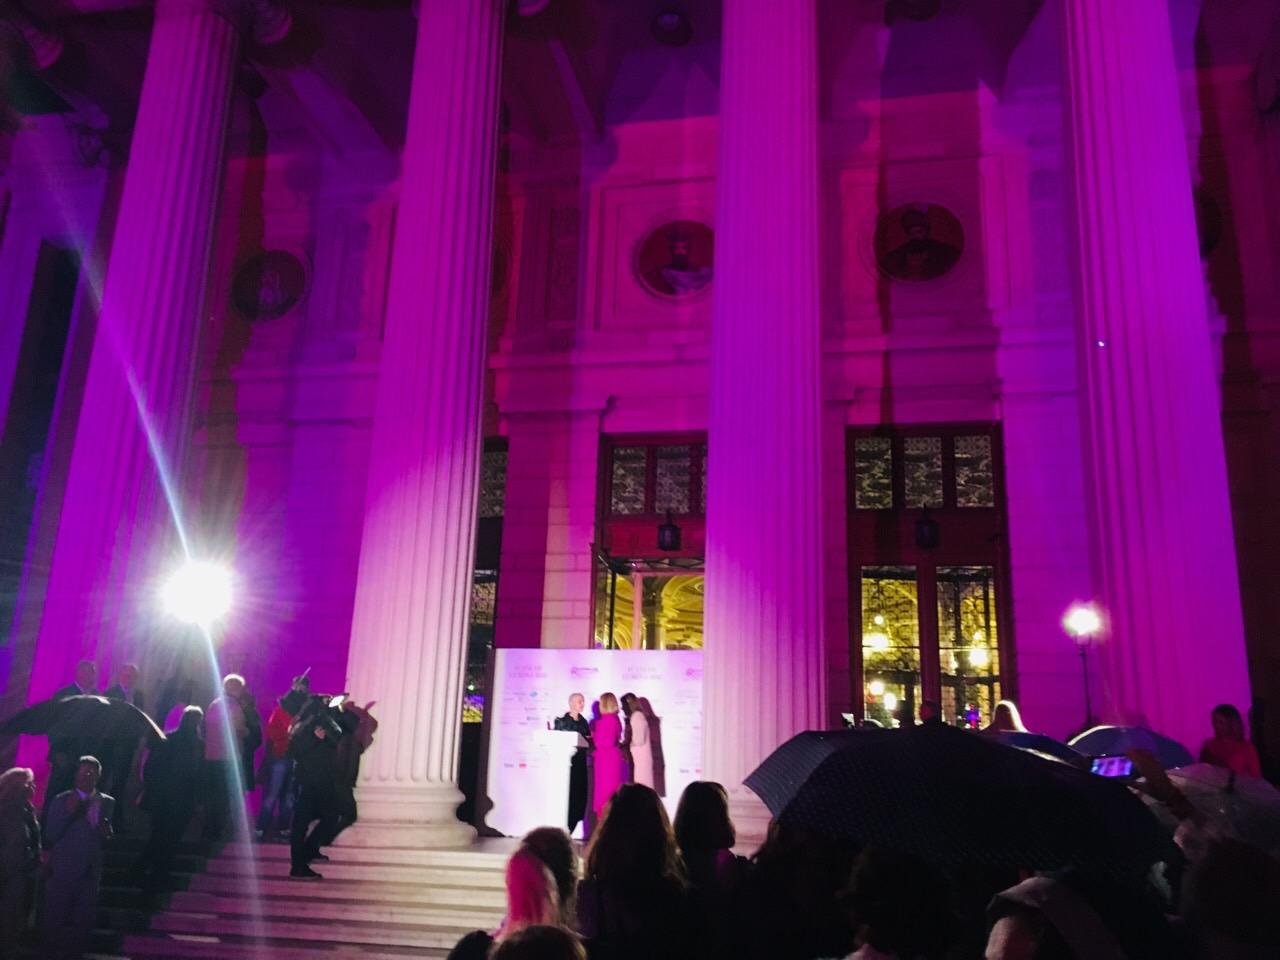 iluminare in roz Ateneu